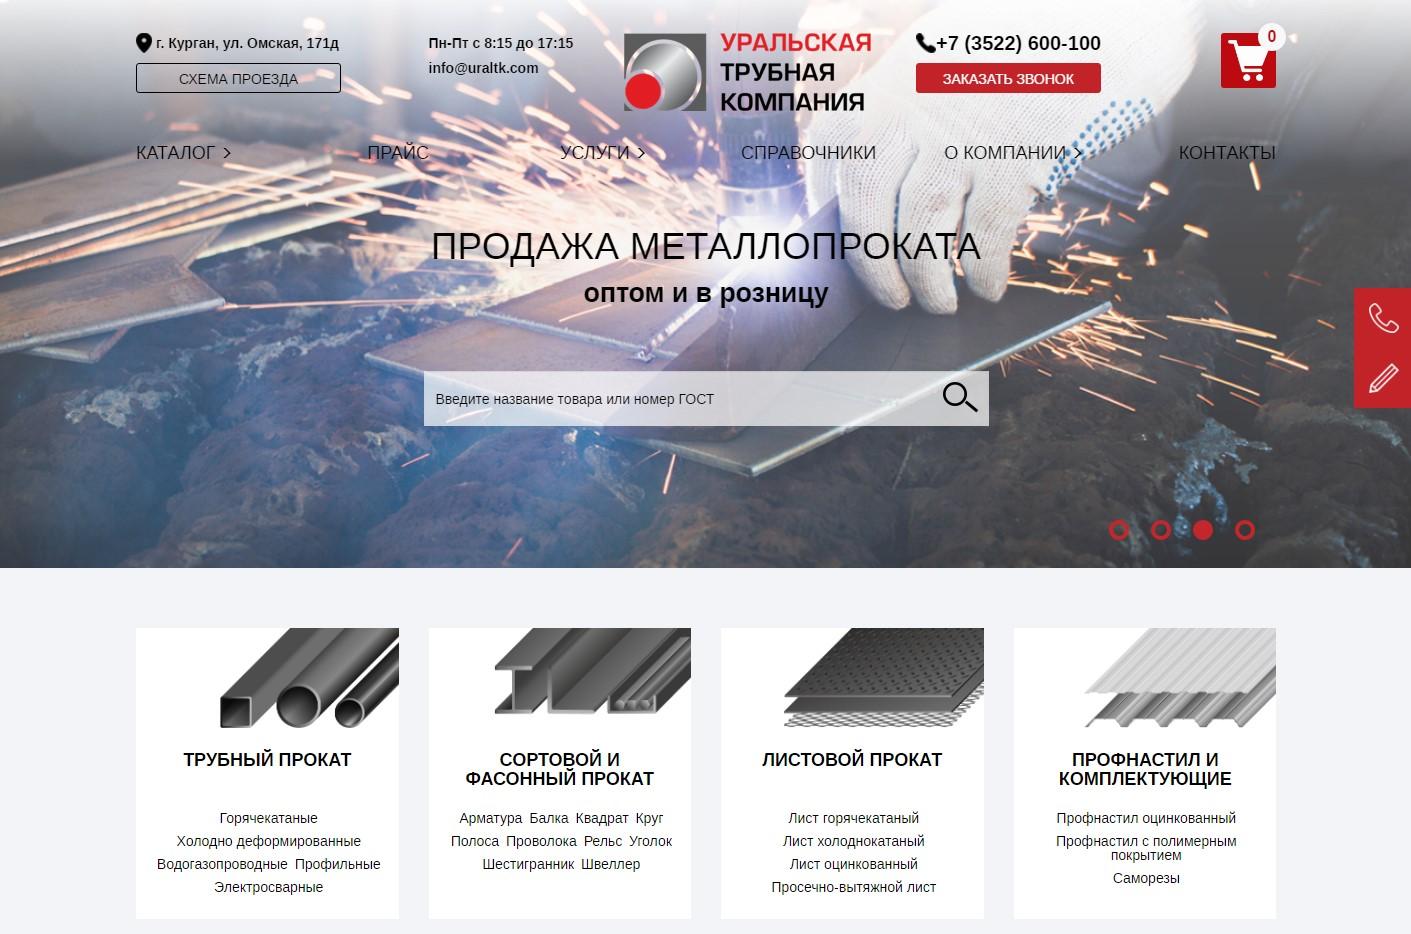 Уральская трубная компания курган официальный сайт wordpress сео продвижение сайта